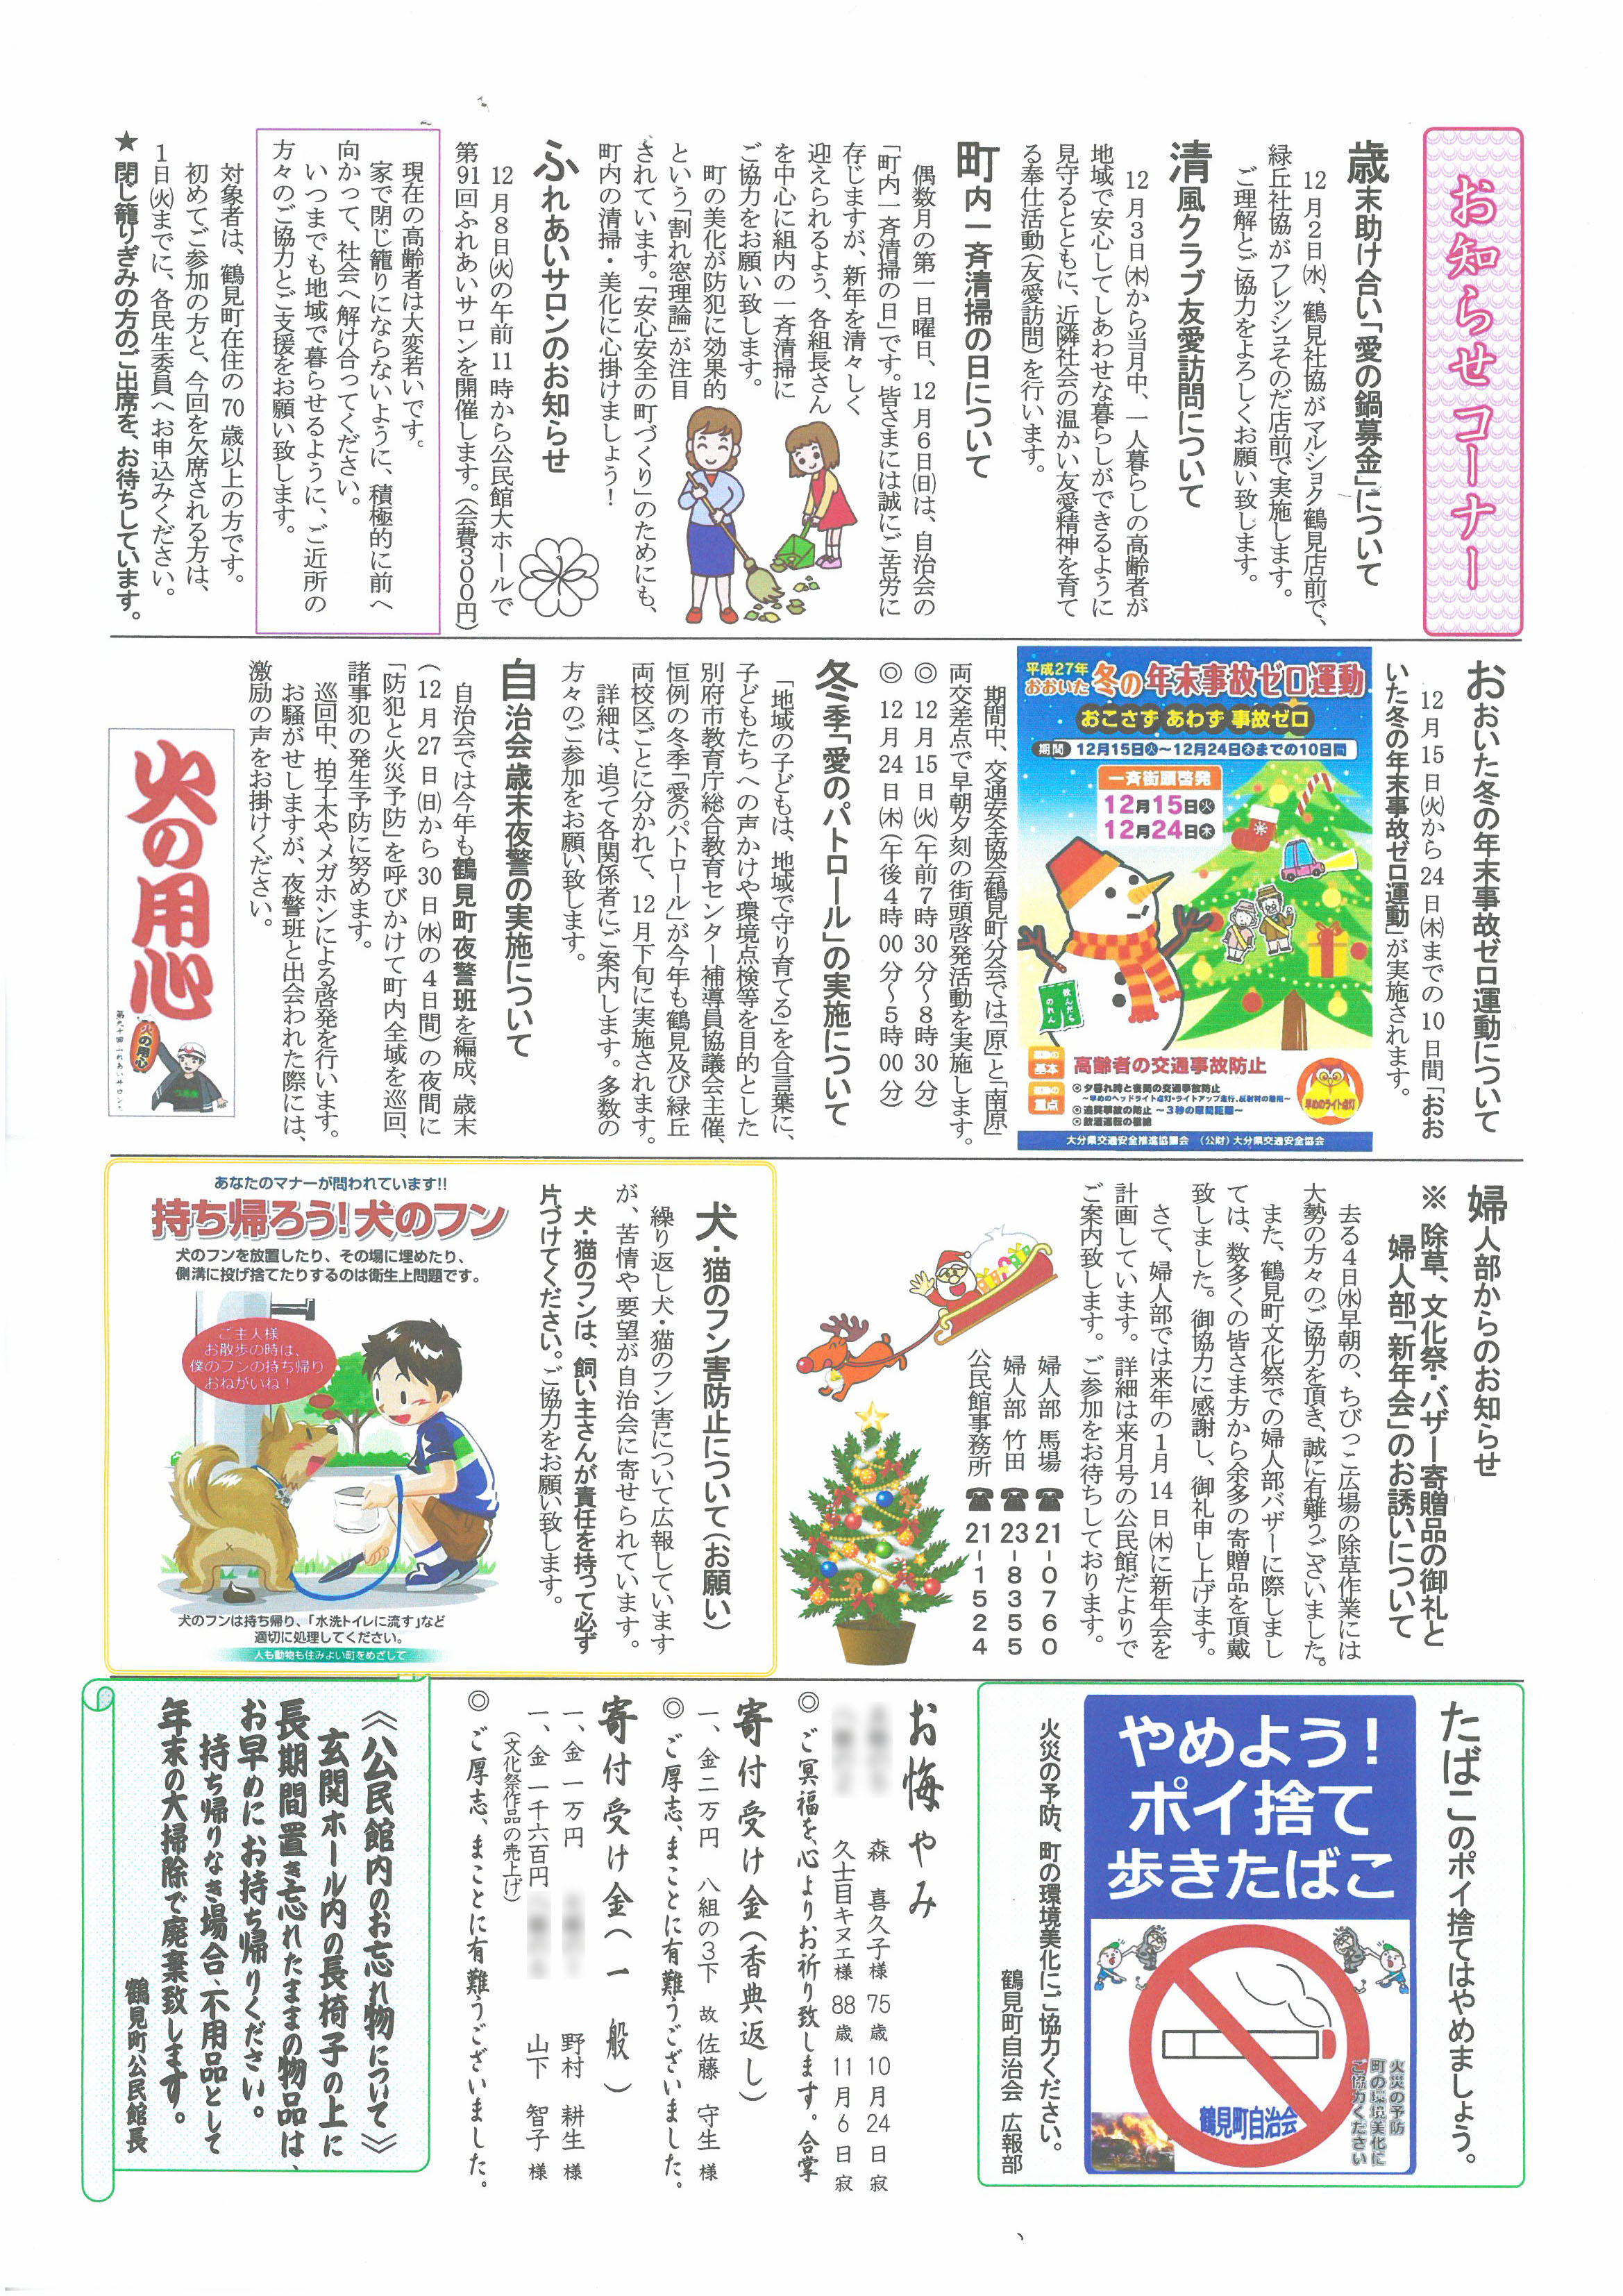 tsurumi2015_12_02